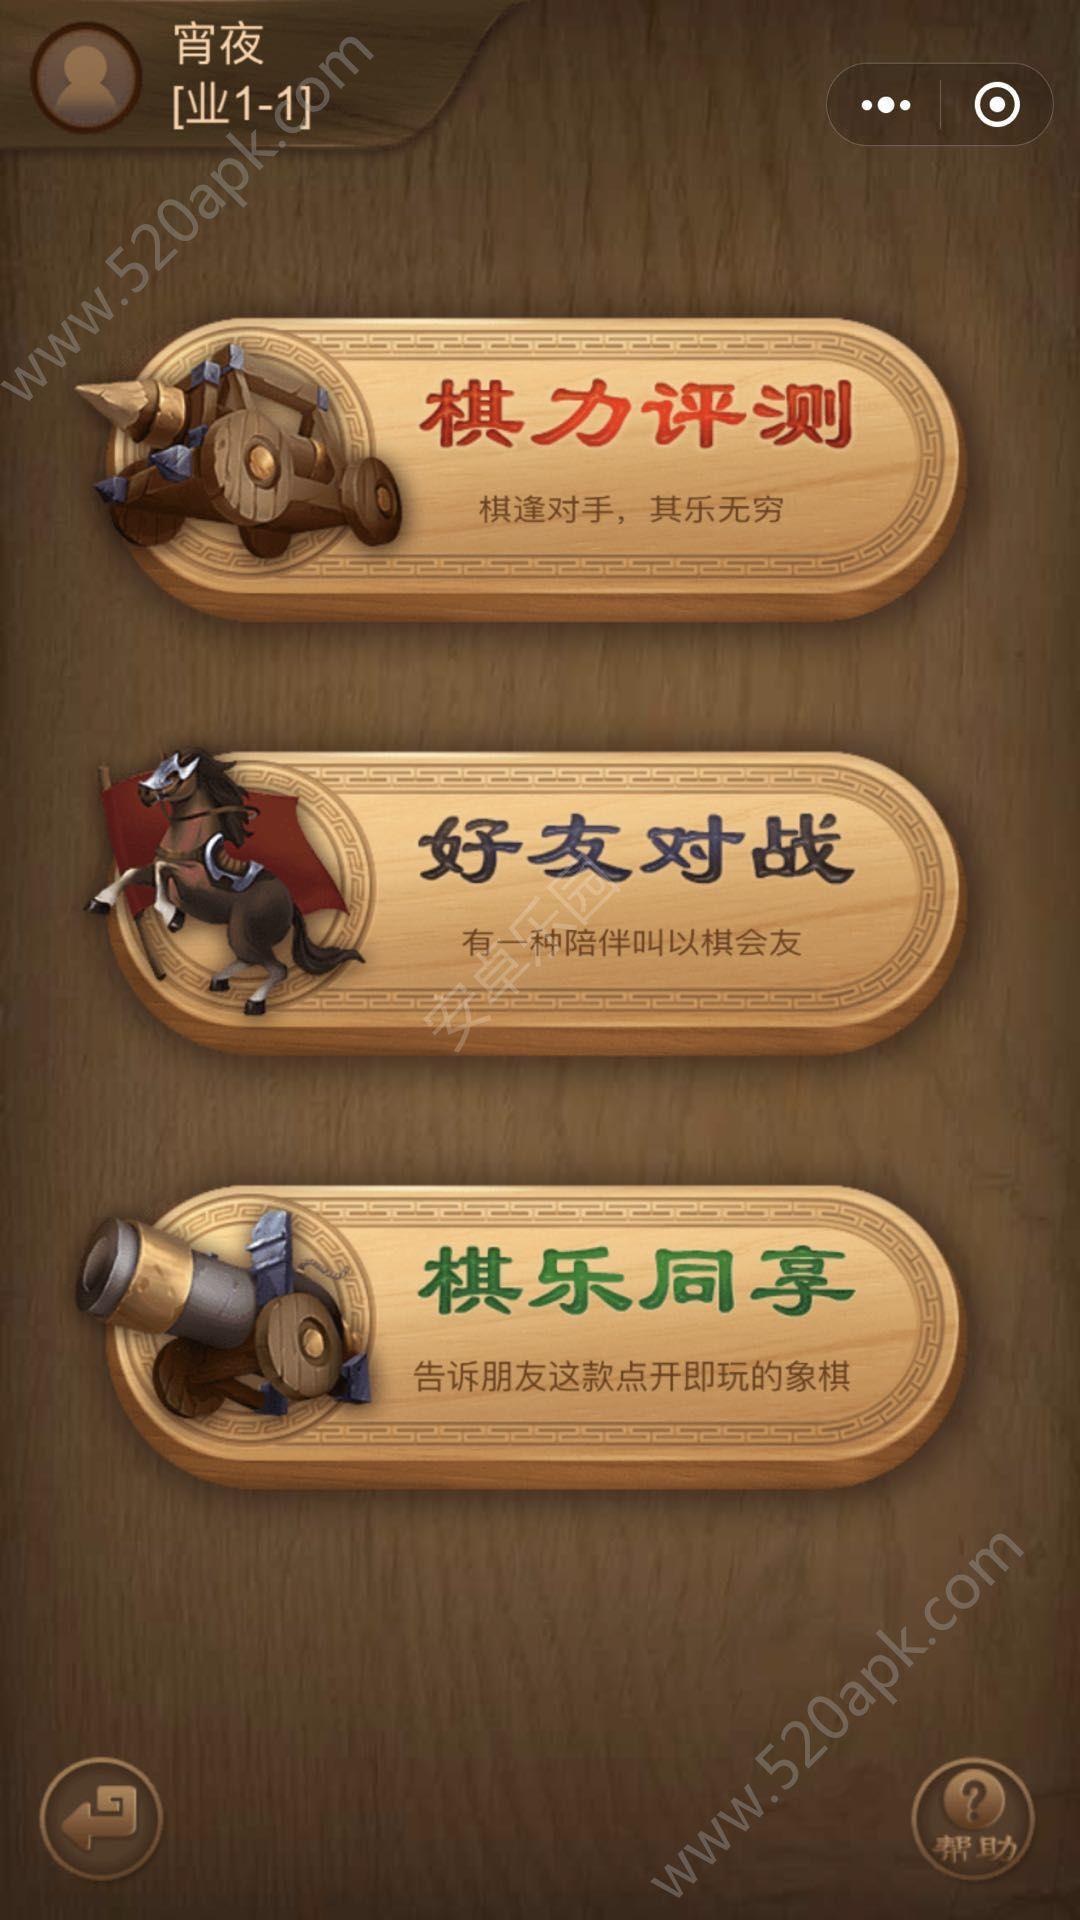 微信腾讯中国象棋游戏官网下最新安卓版图4: